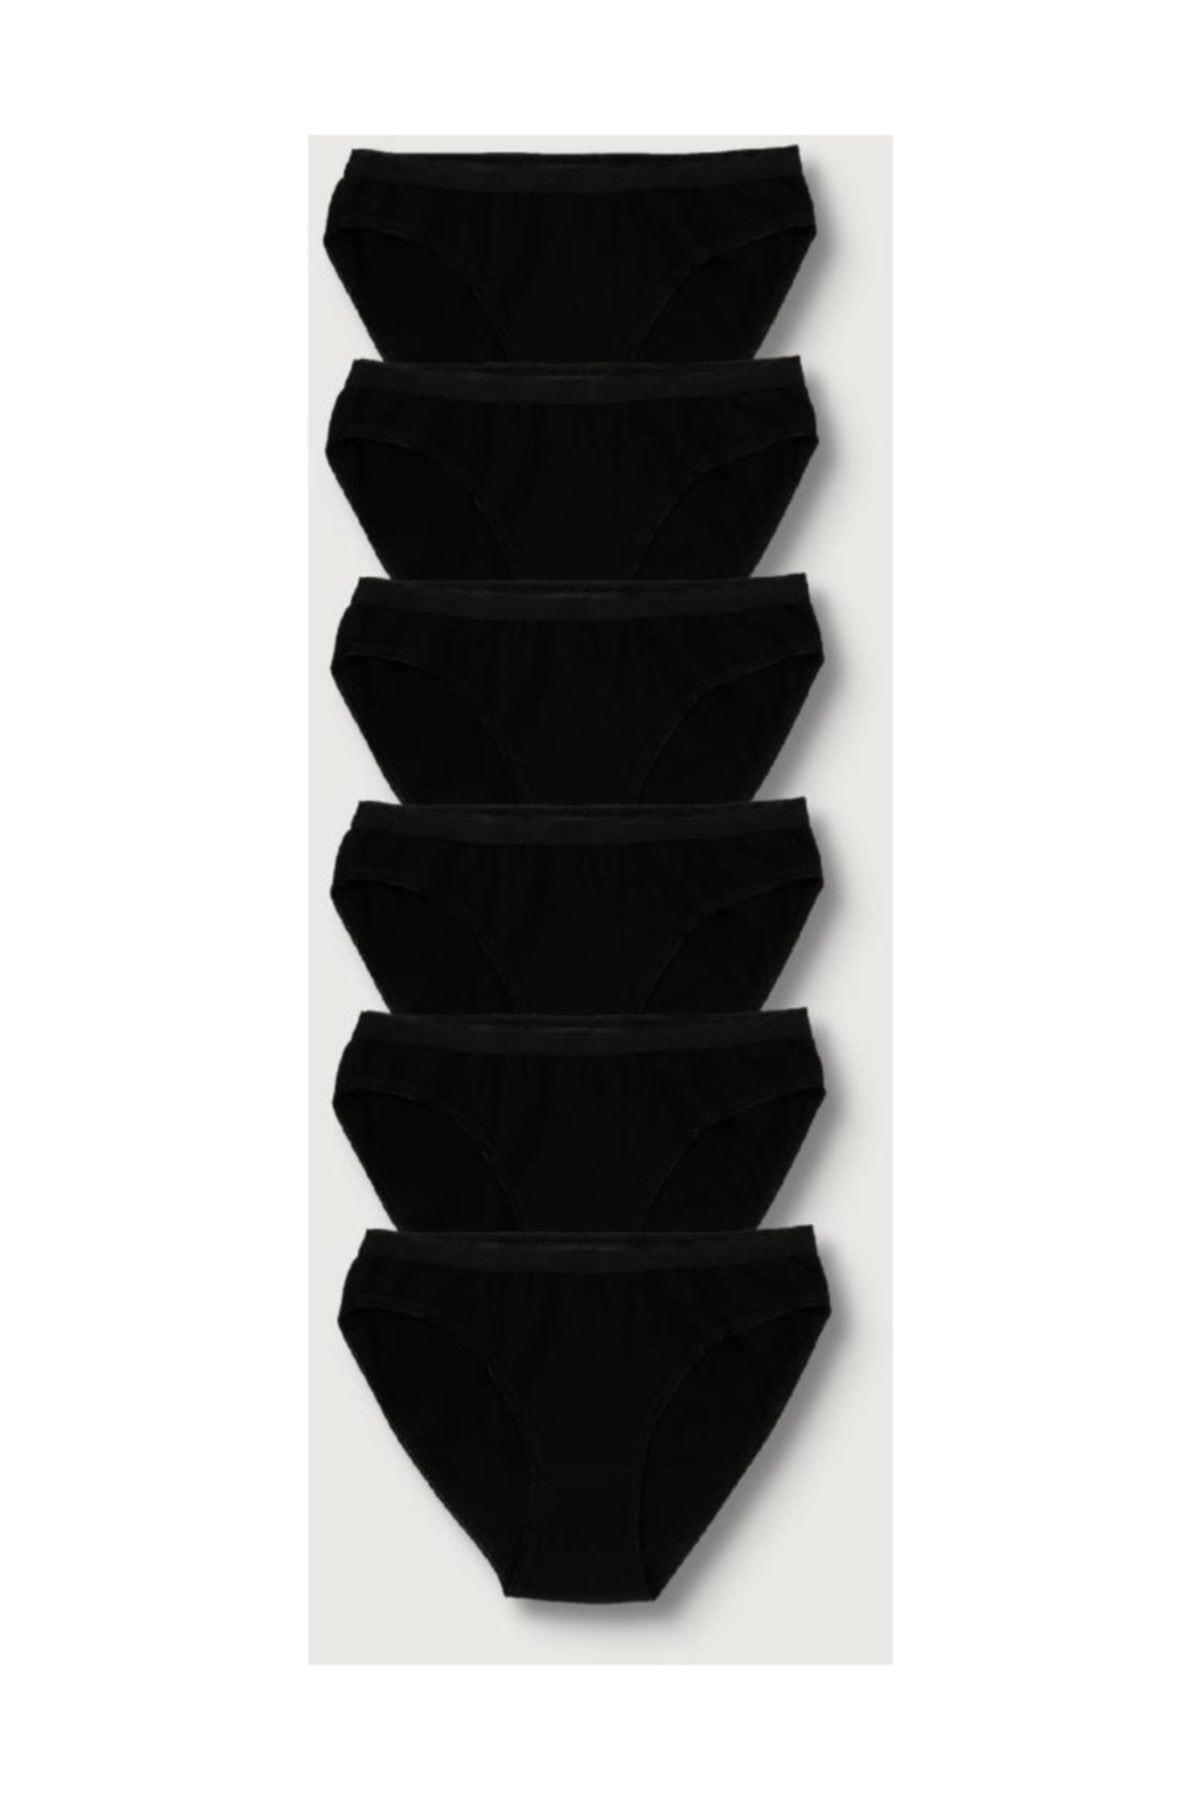 Tutku Kadın Siyah 6'lı Paket  Bikini Külot ELF568T0635CCM6 Siyah Tek Ebat 1